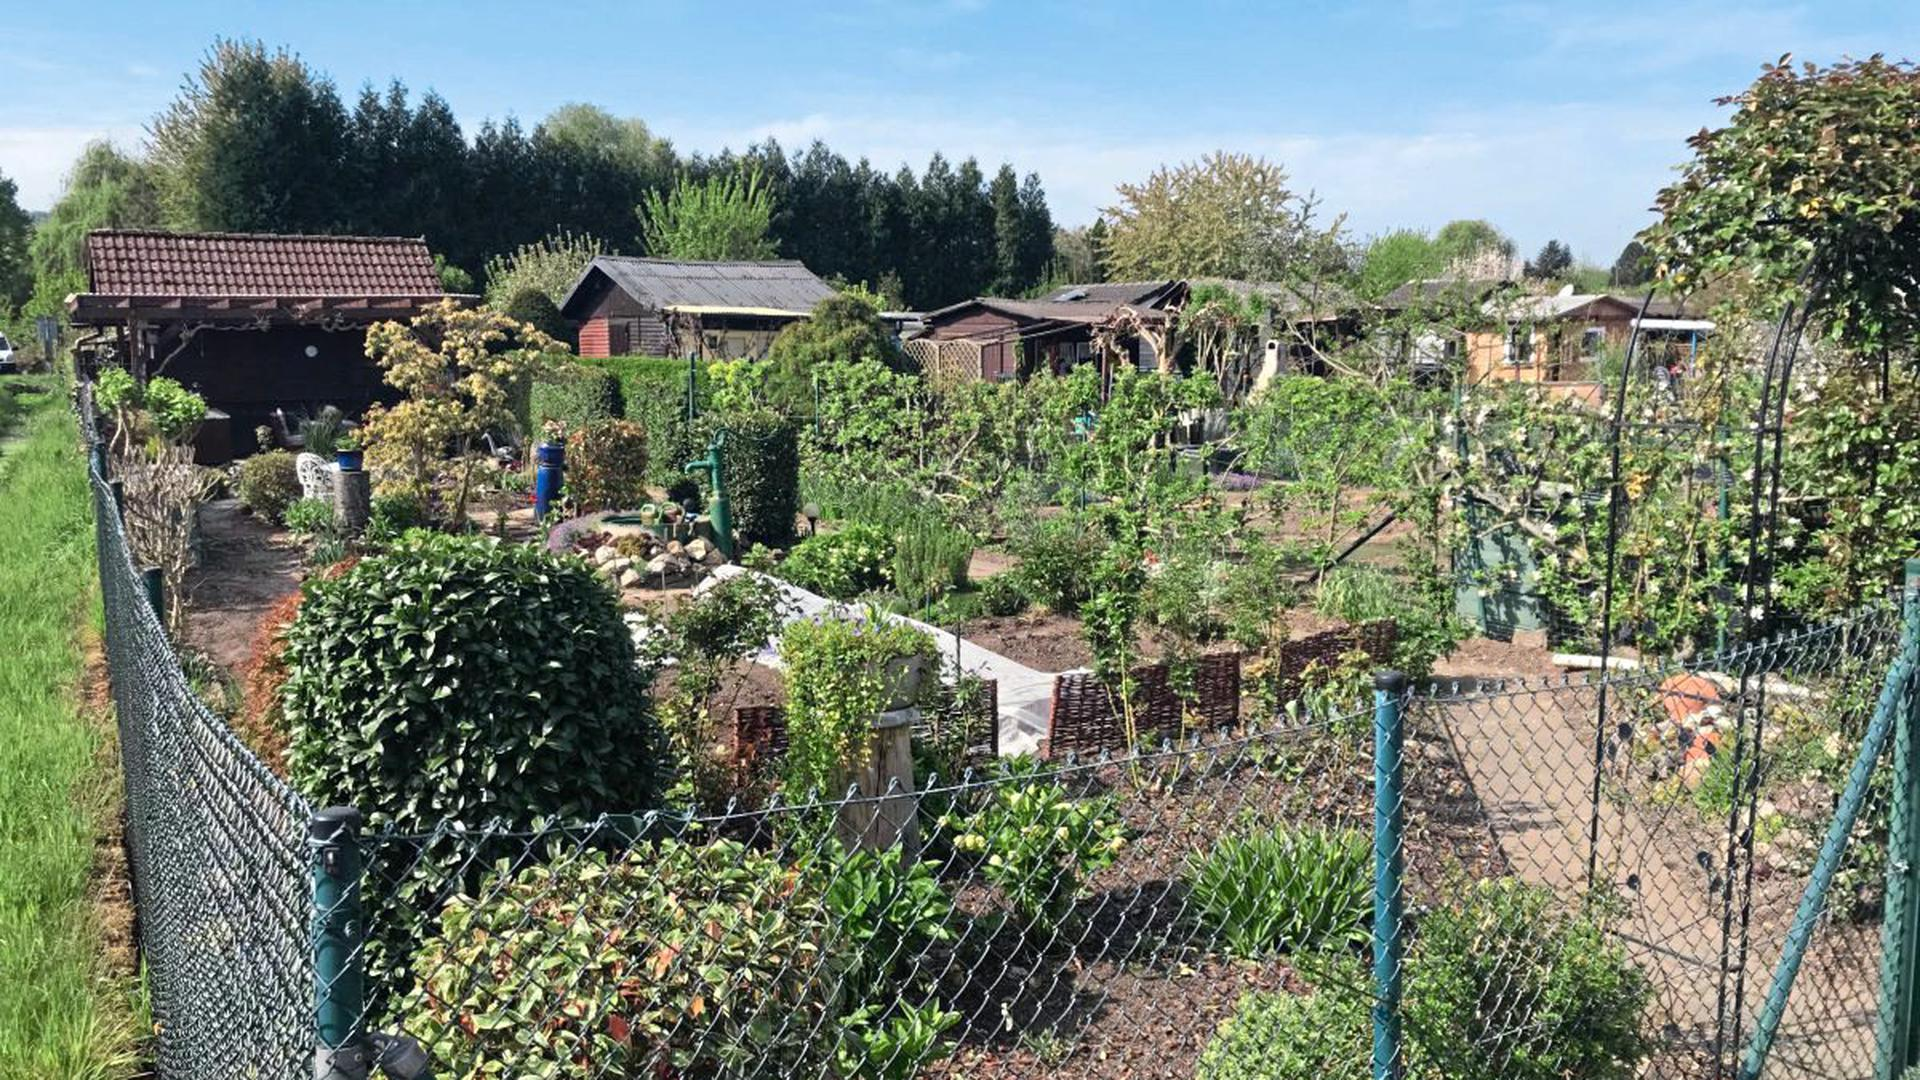 Kleingärten werden während der Corona-Krise gut gepflegt.